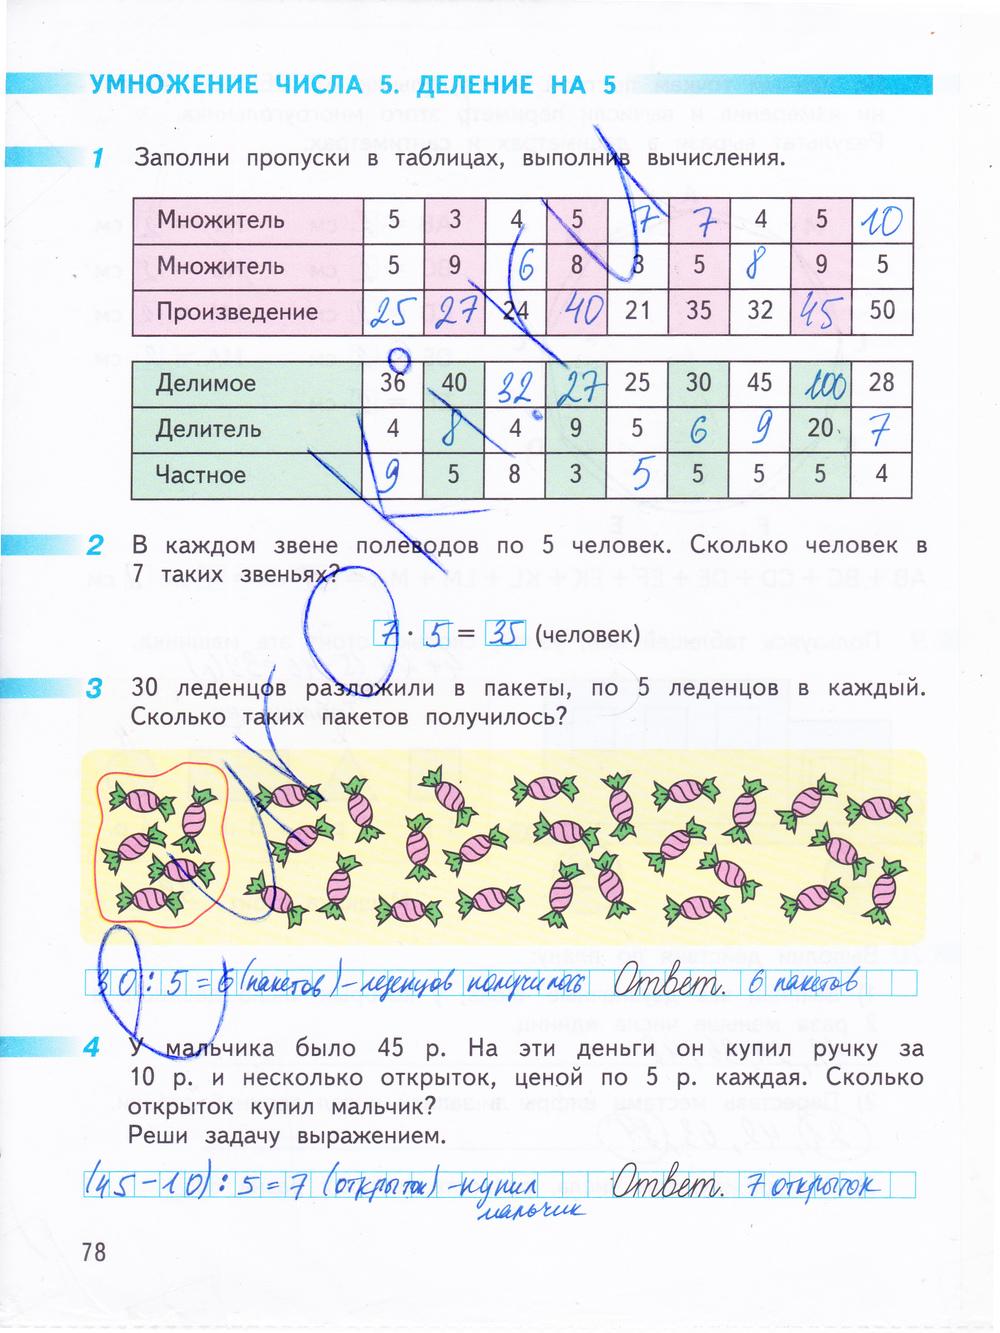 гдз по математике дорофеева рабочая тетрадь